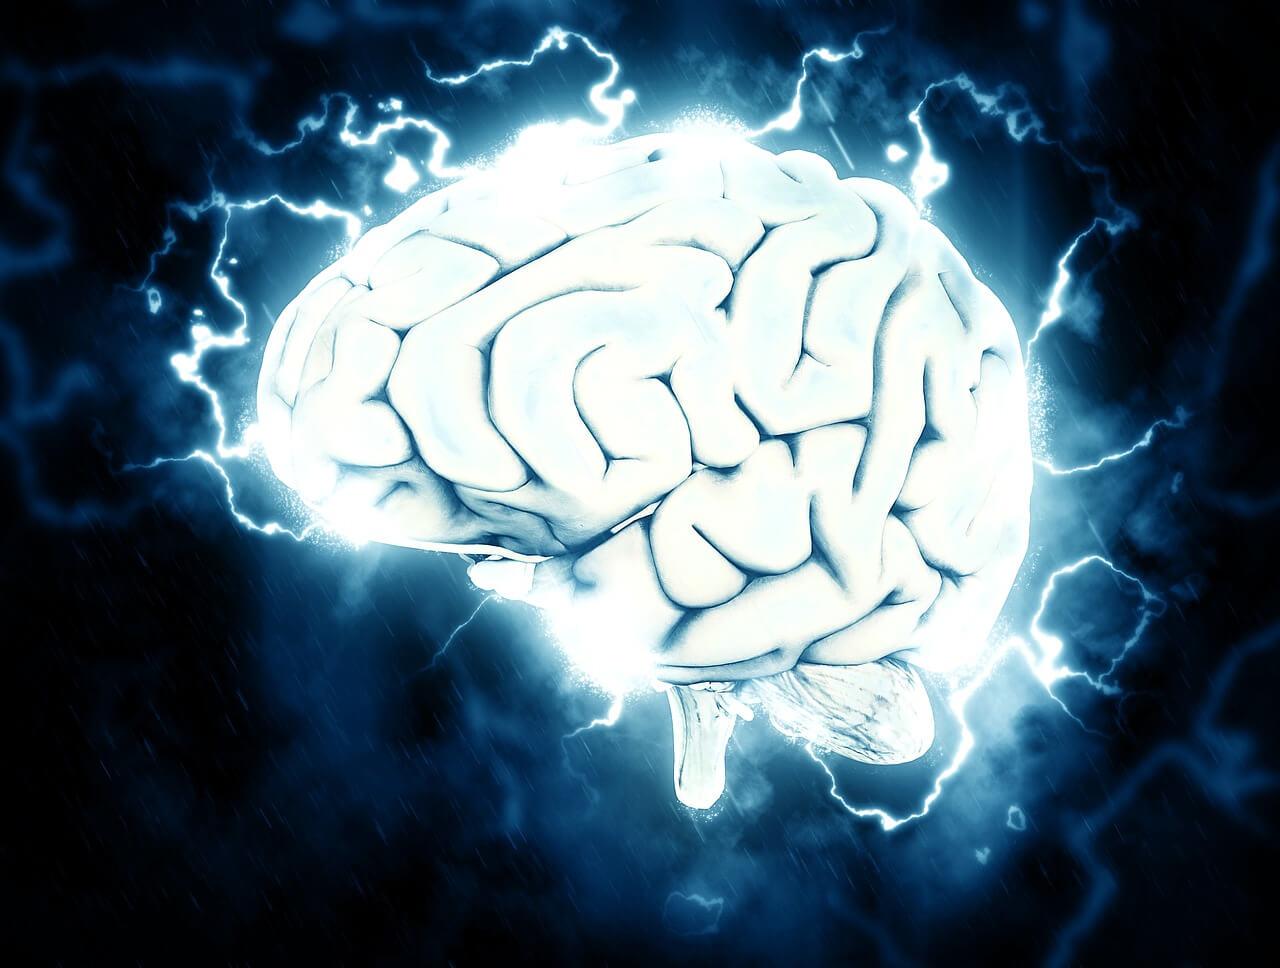 馬斯克預言現雛形,科學家首證實大腦植入物可提升記憶力